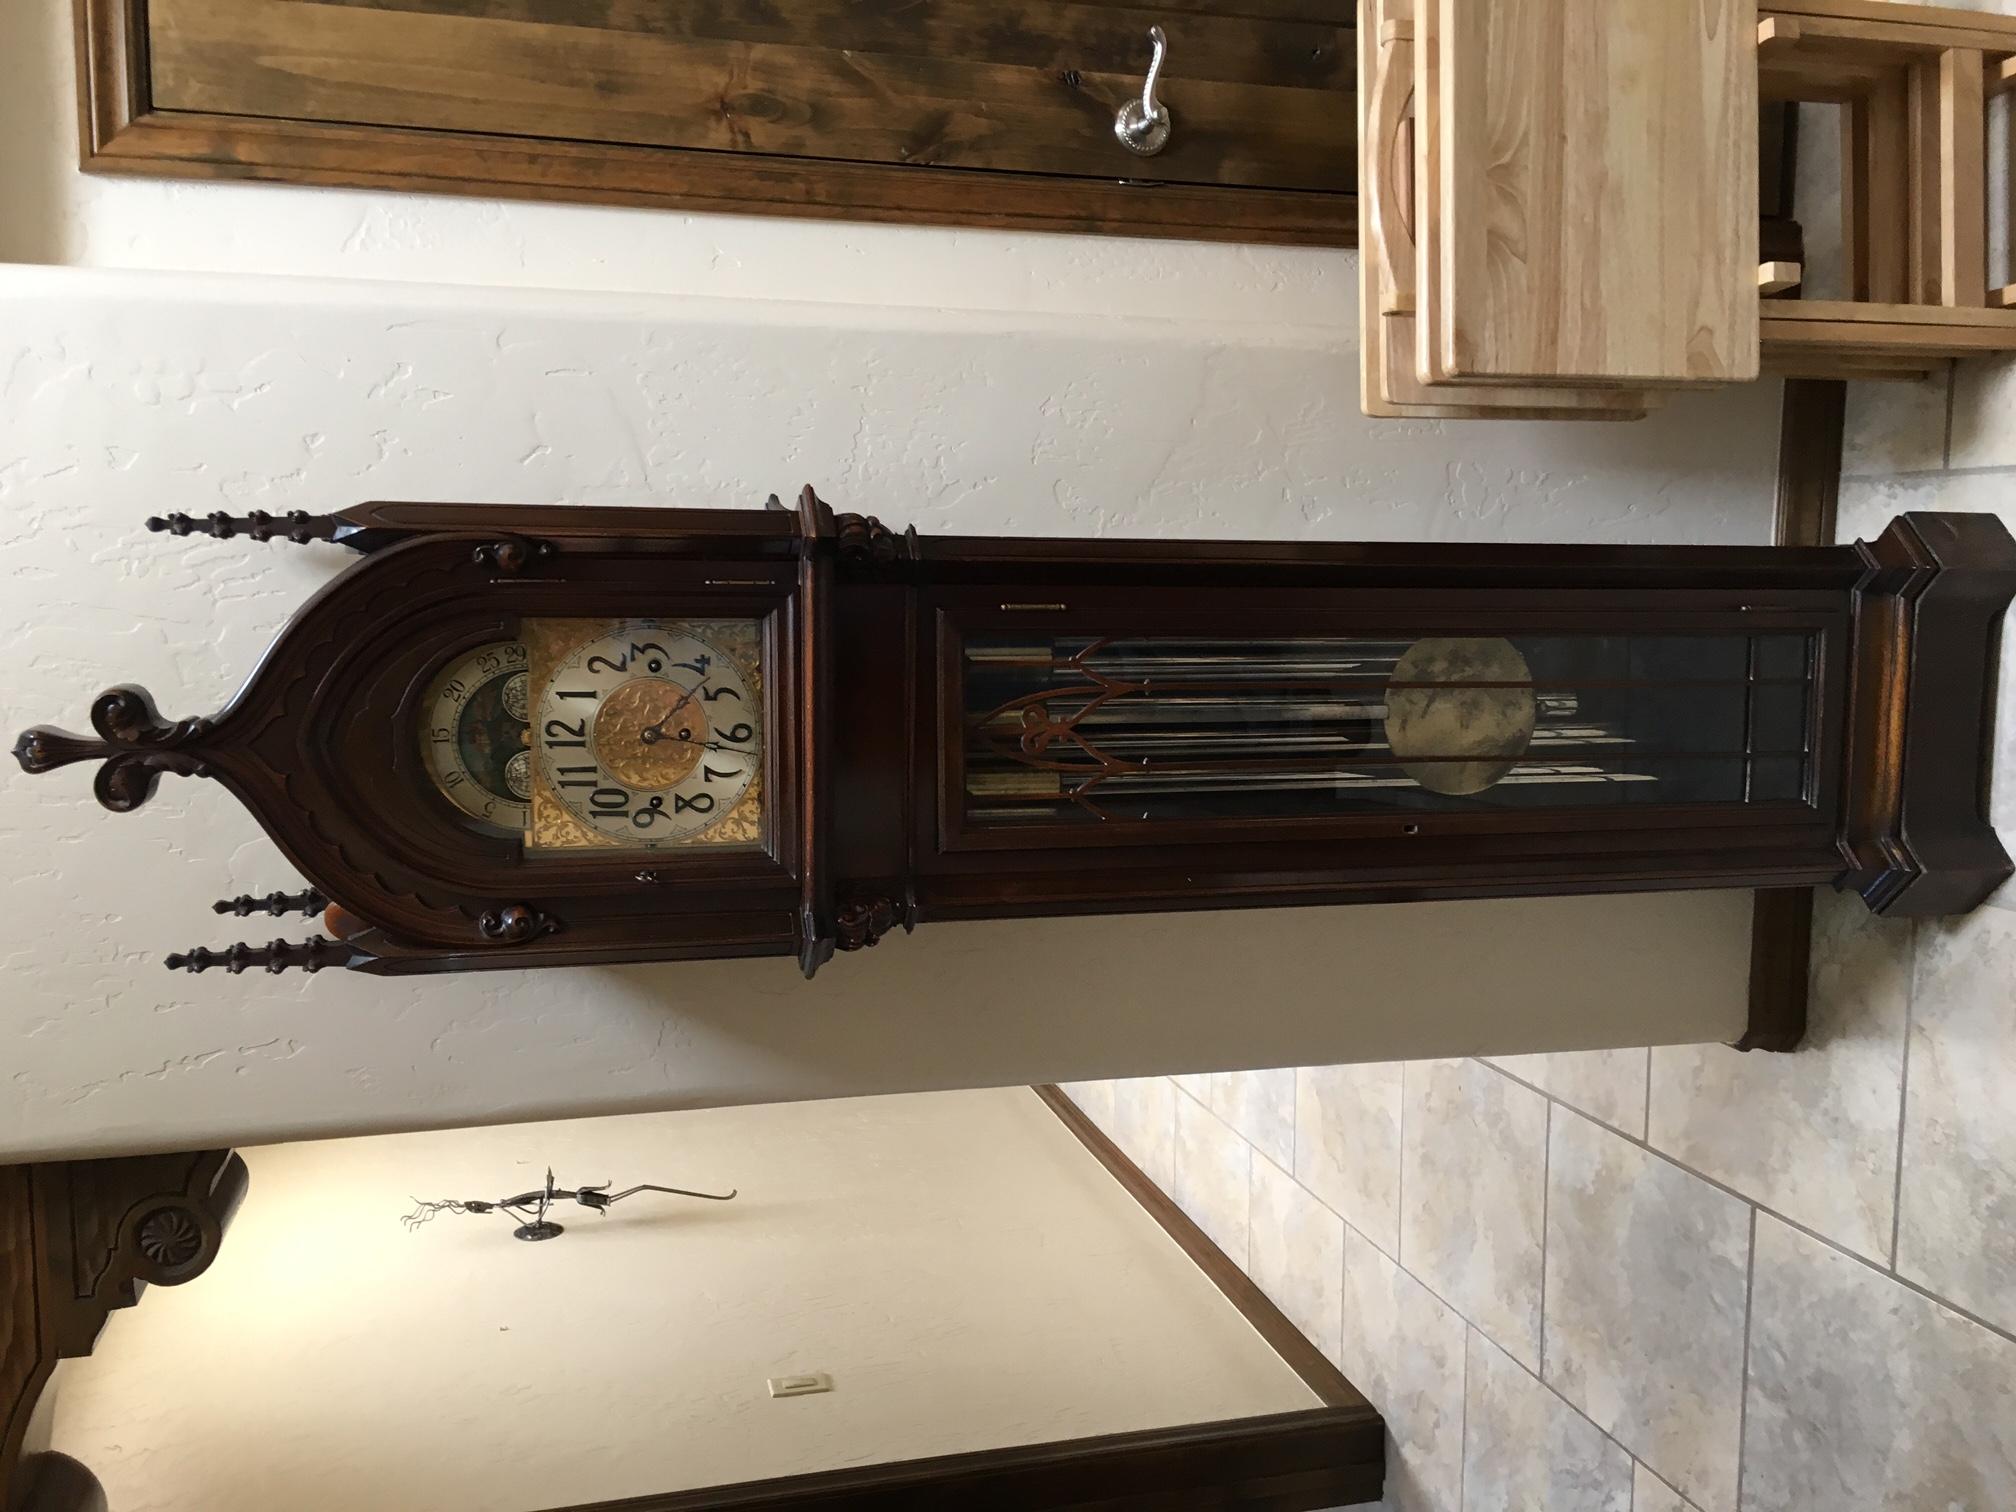 A Precision Clock Repair El Paso, TX 79912 - YP.com